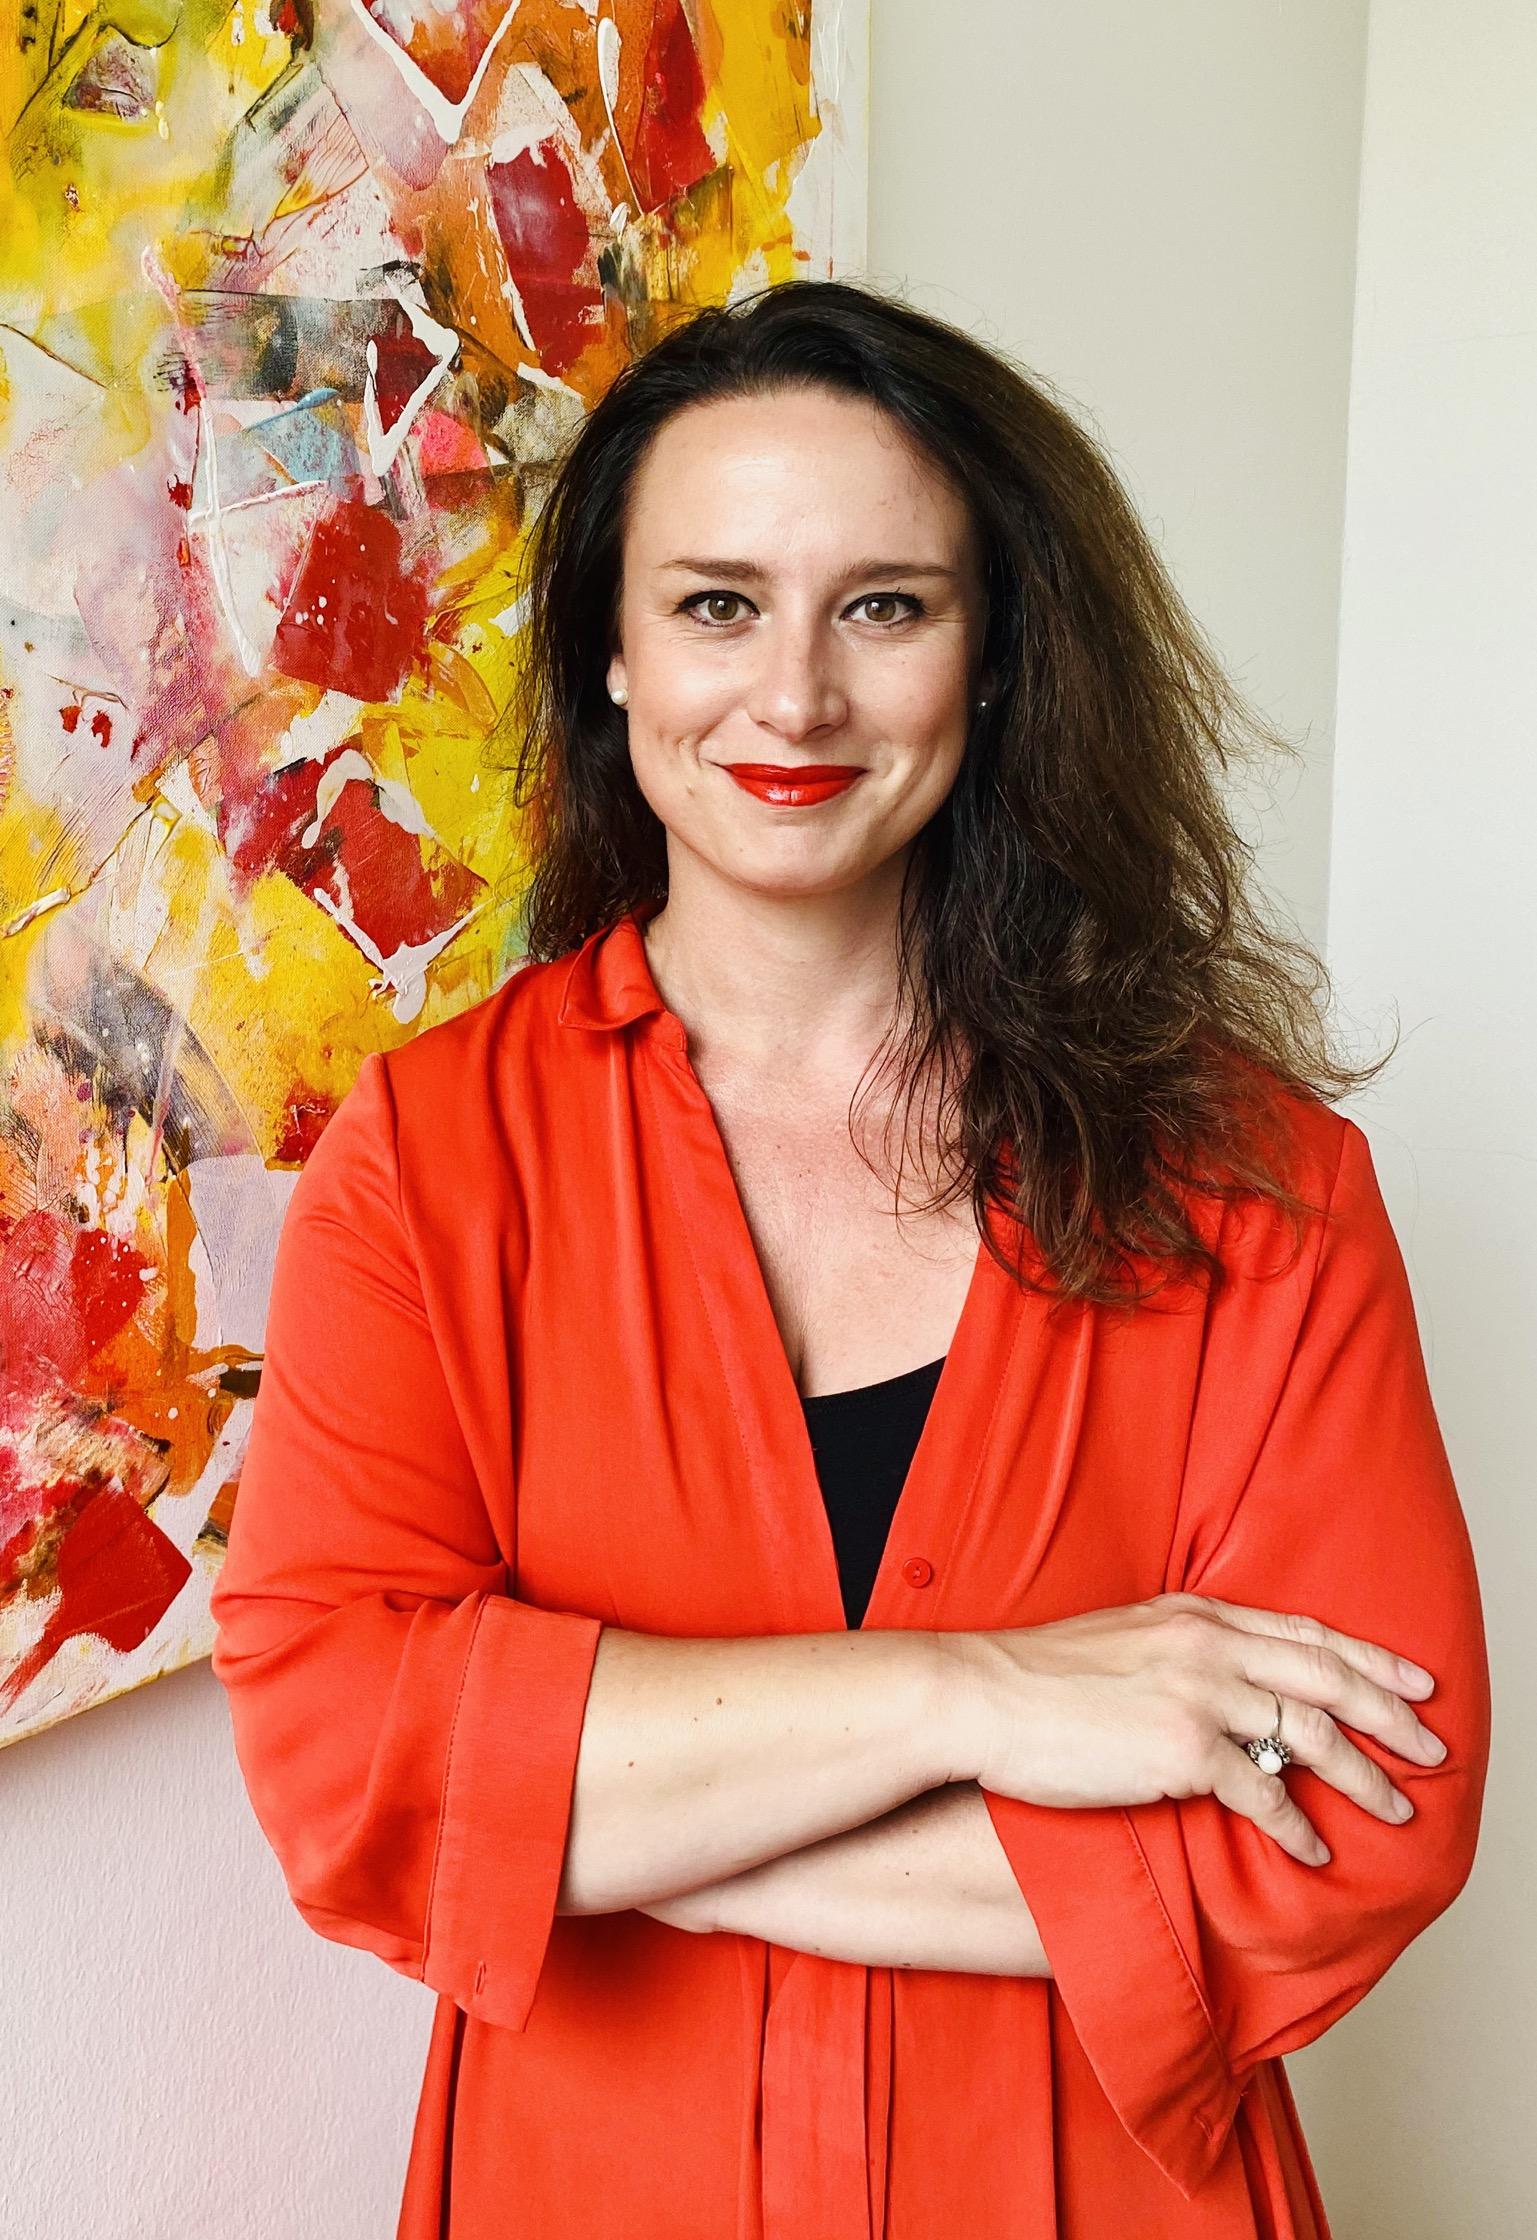 Sandra Schimmler